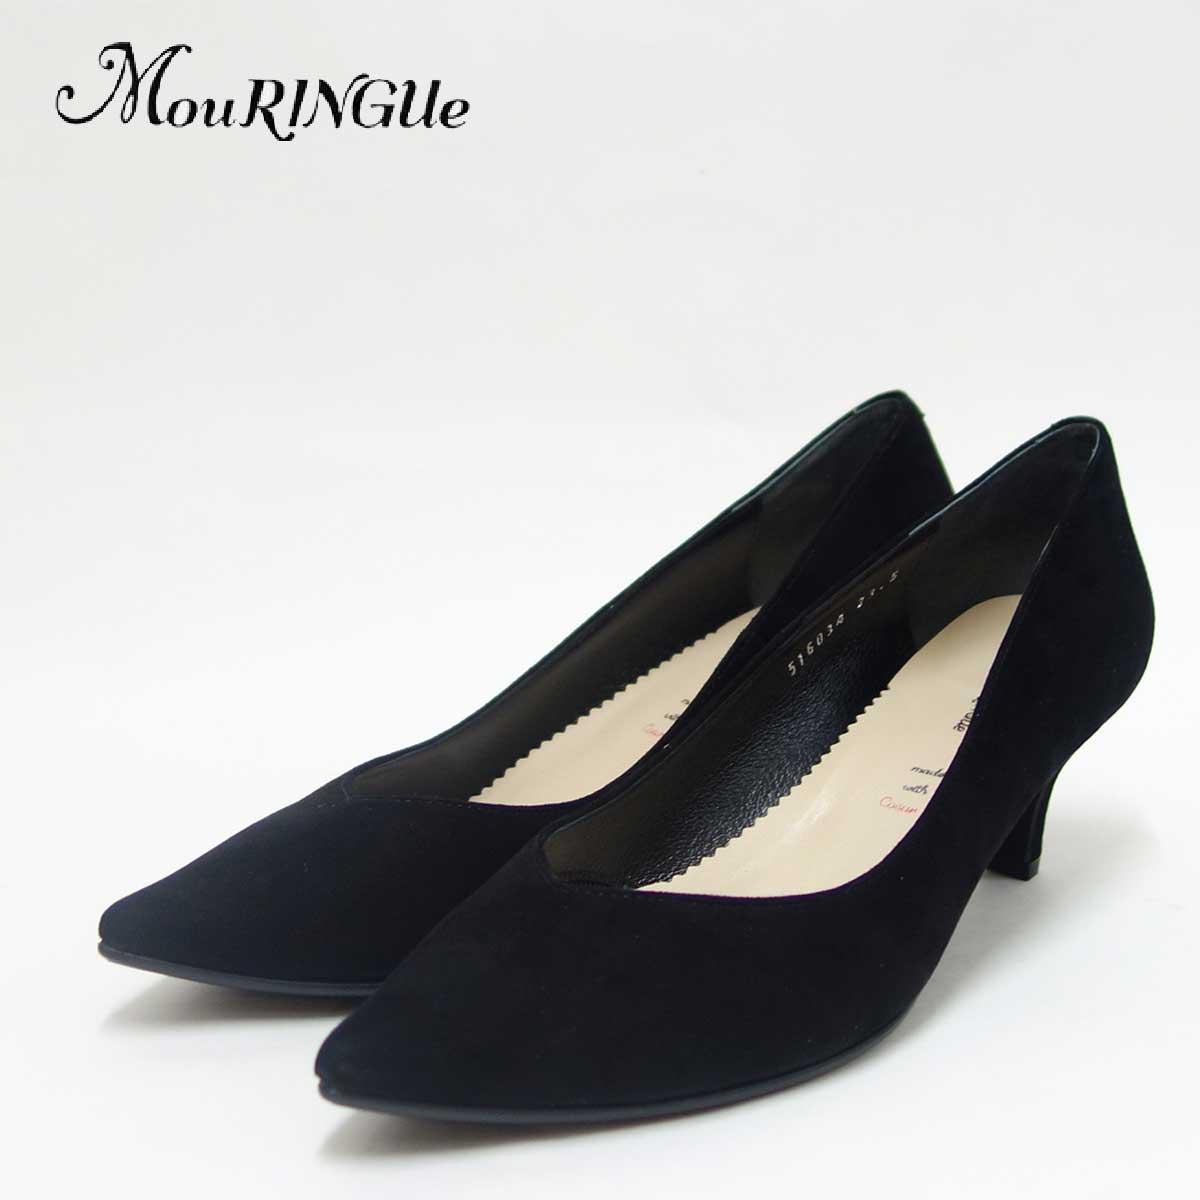 MouRINGUe ムラング Eva 50516034 ブラックスエード (5cmヒール)ポインテッドトゥパンプス(日本製)「靴」